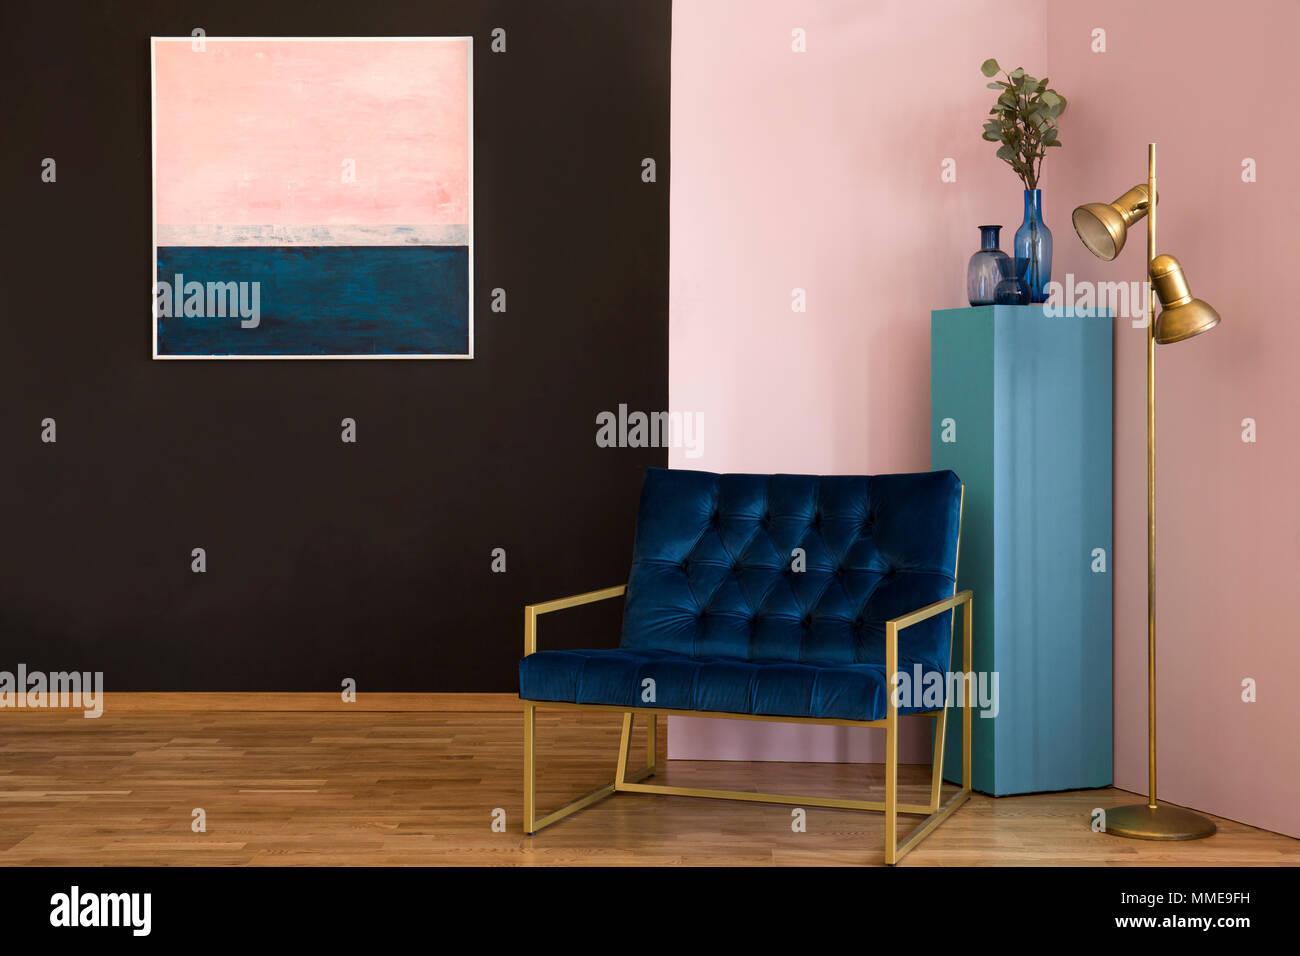 Marine Blau Sessel neben einem gold Lampe in Schwarz und Rosa ...